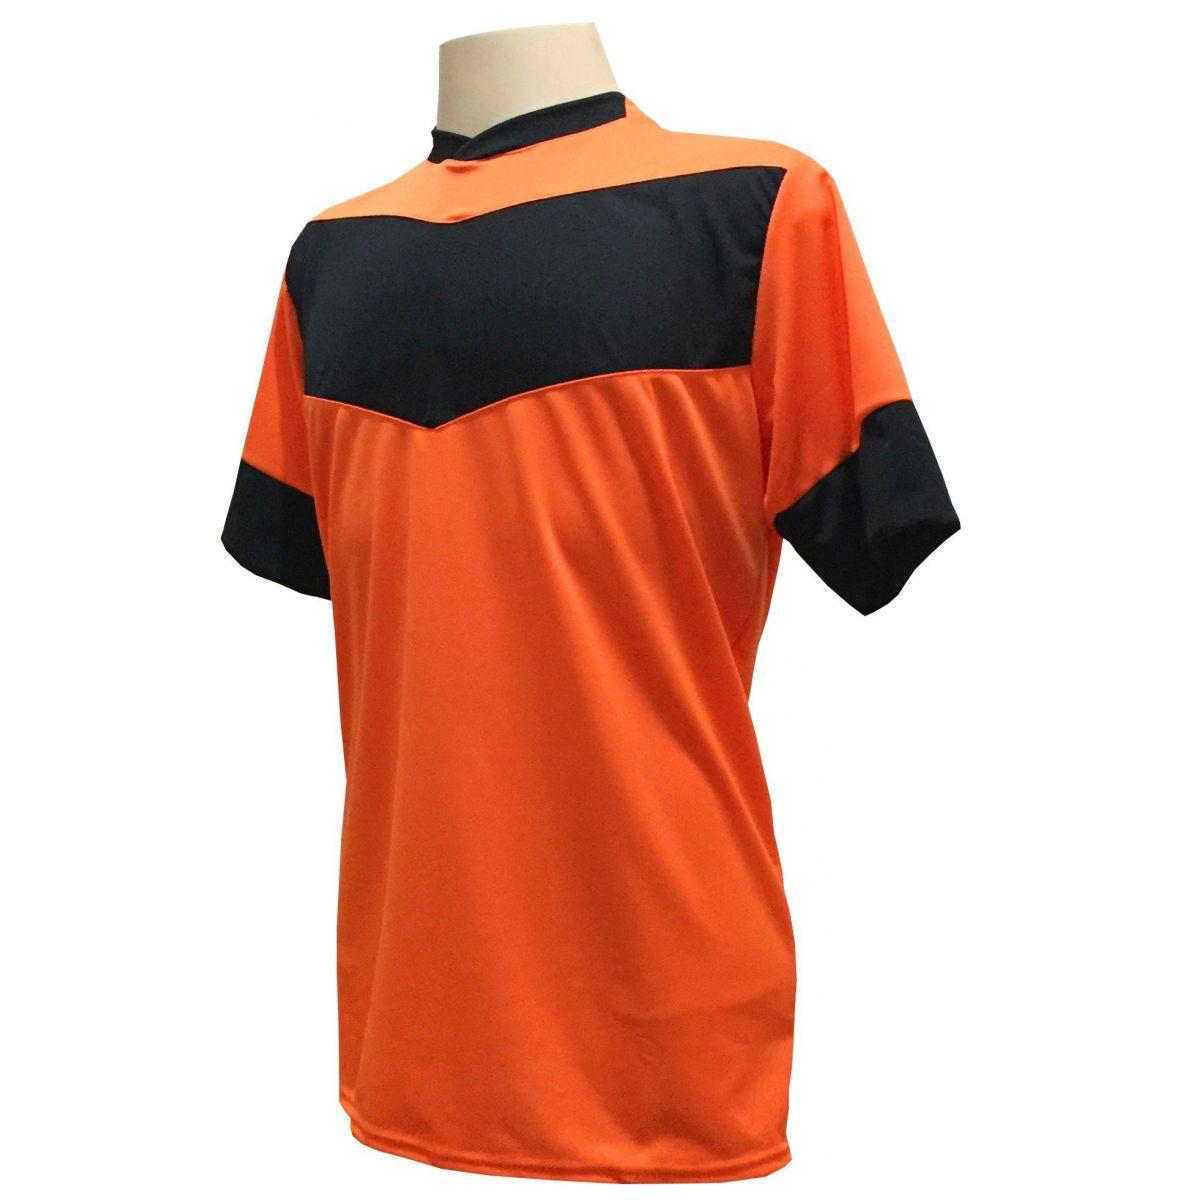 Fardamento Completo Modelo Columbus 18+1 (18 Camisas Laranja/Preto + 18 Calções Madrid Preto + 18 Pares de Meiões Preto + 1 Conjunto de Goleiro) + Brindes